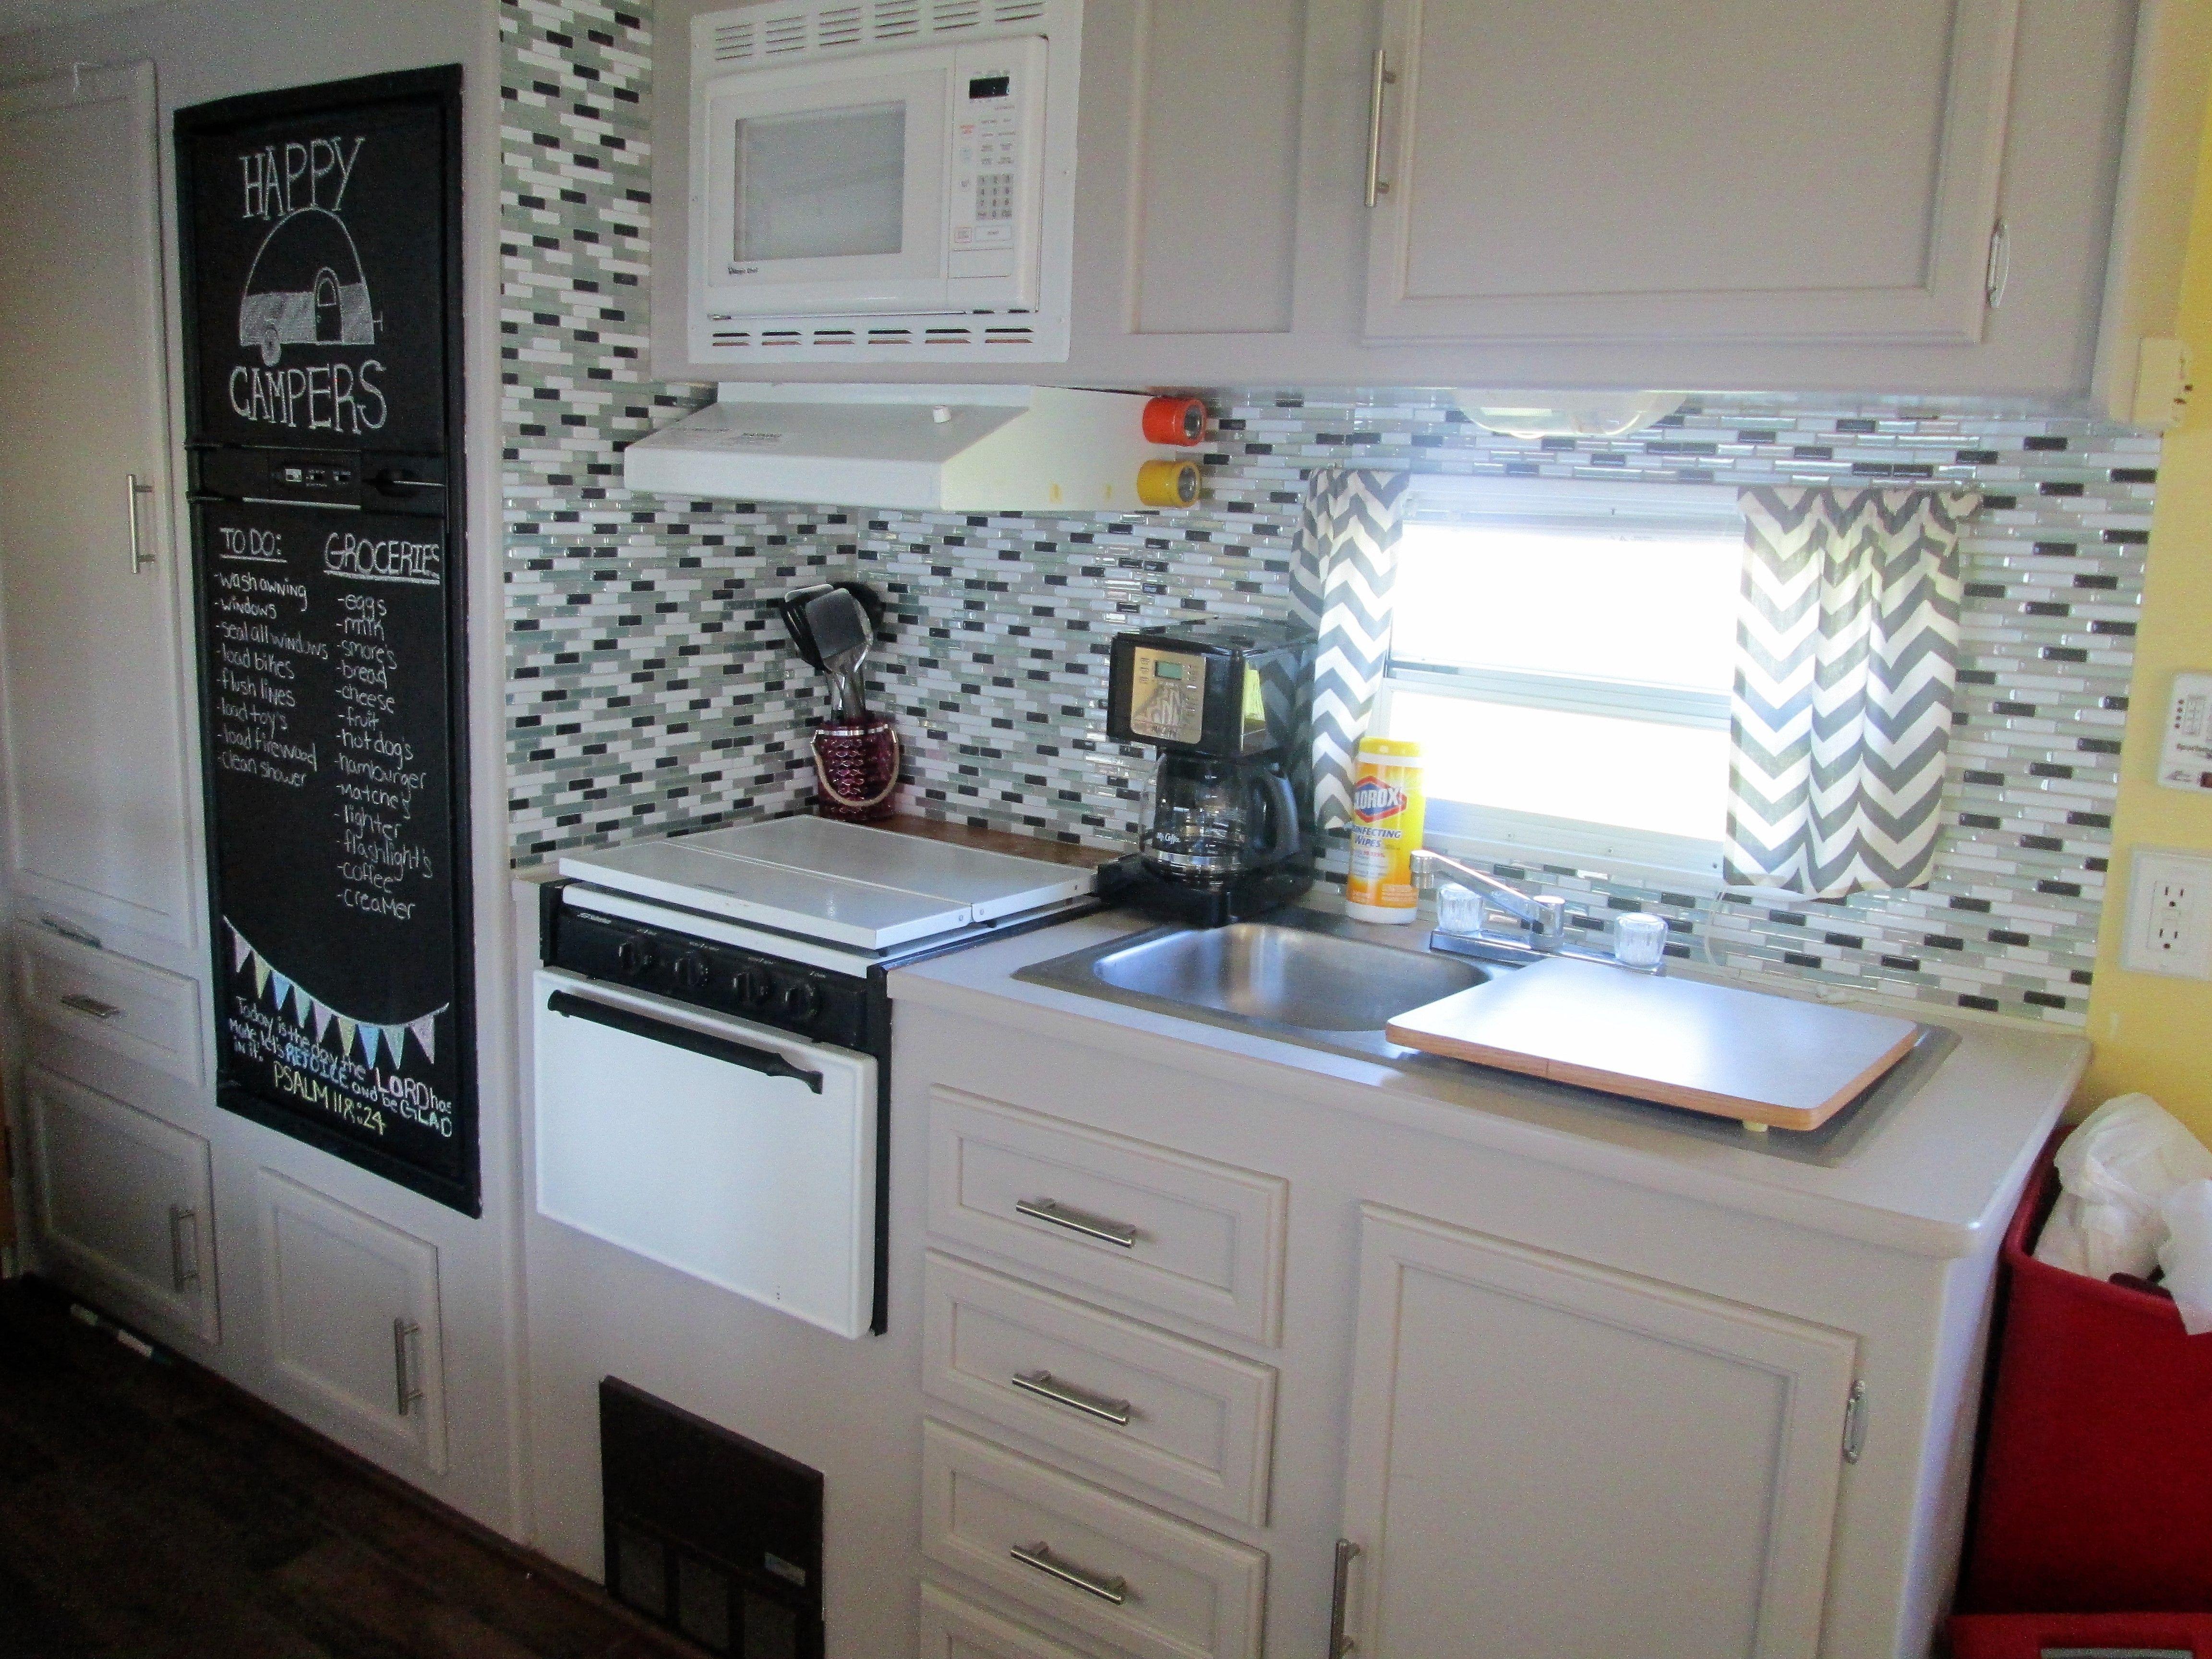 23 Painting Camper Cabinets With Images Camper Interior Design Camper Decor Camper Hacks